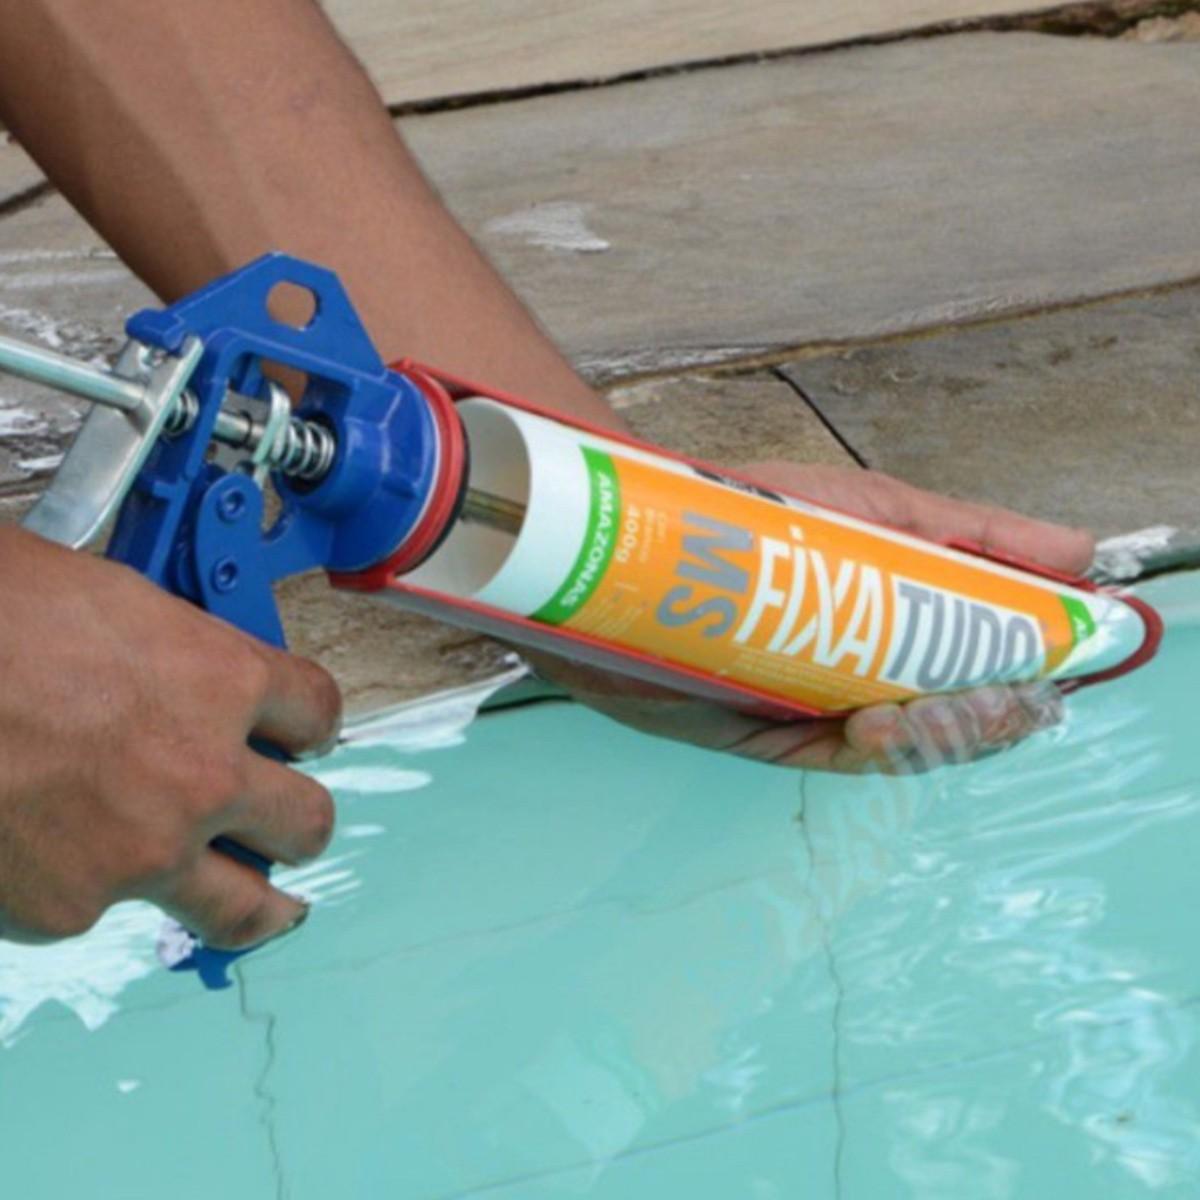 Kit 4 Cola Fixa Tudo Ms 400g Amazonas